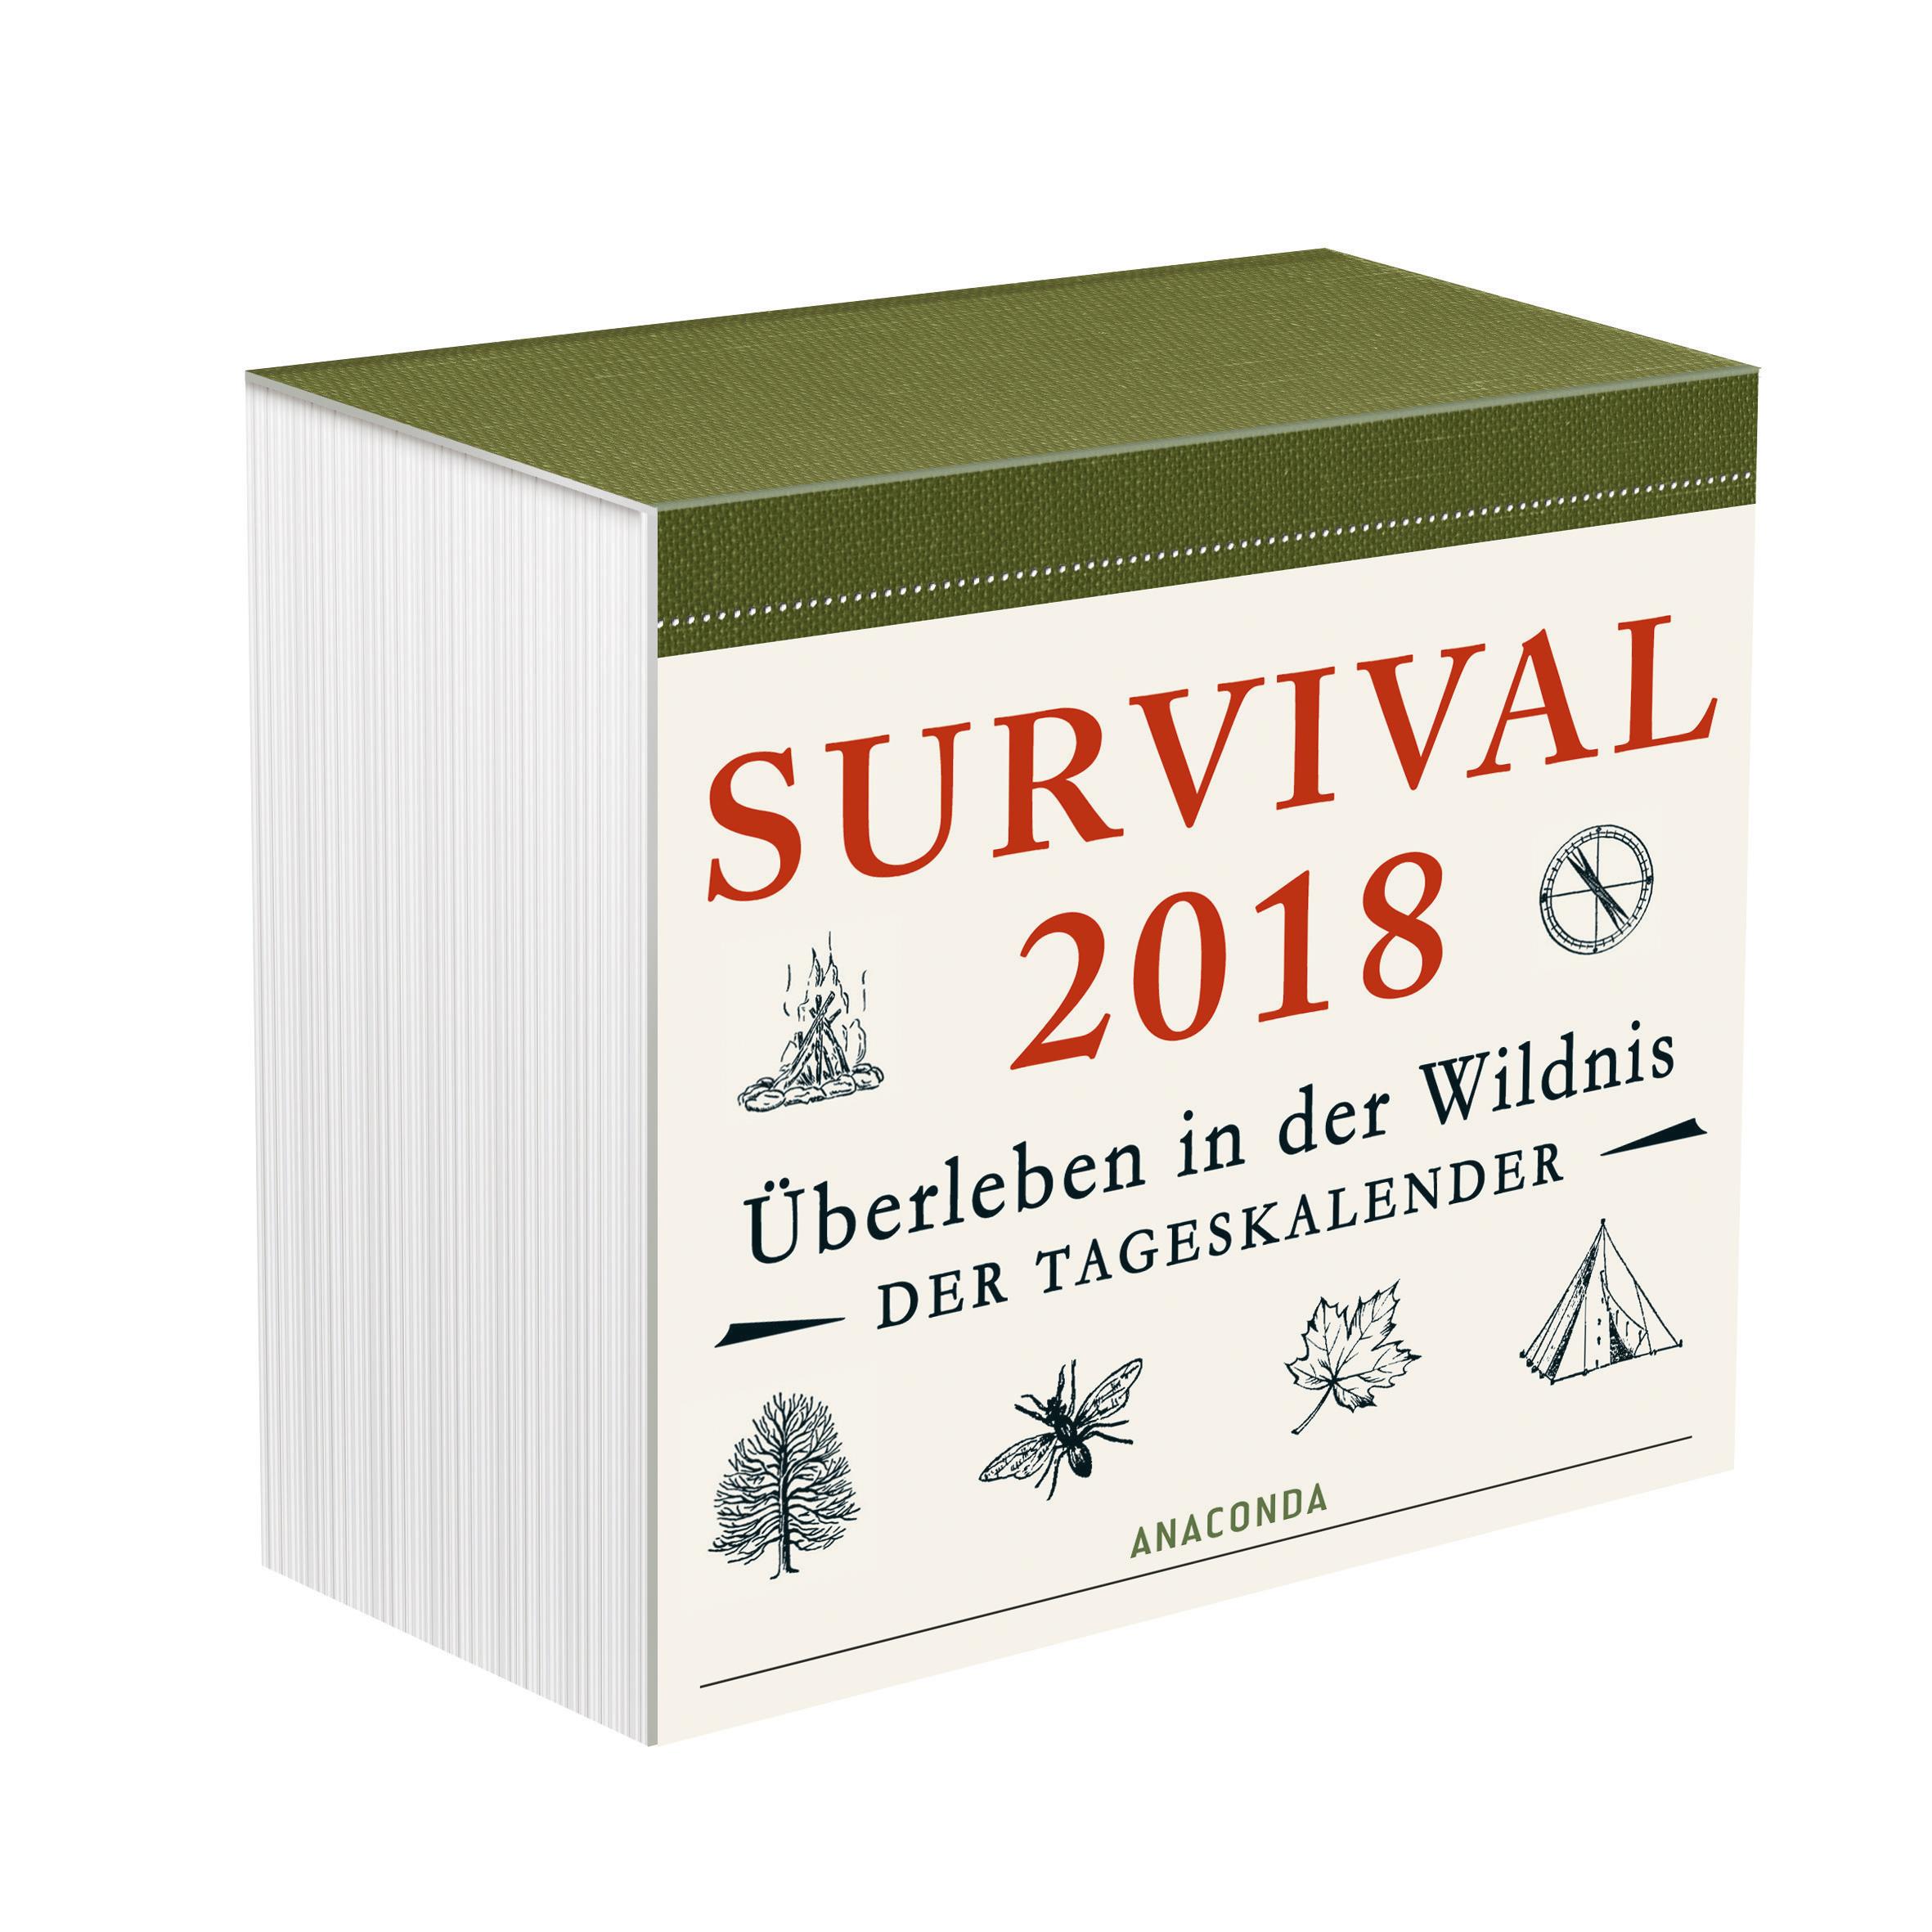 Survival 2018 - Überleben in der Wildnis Tageskalender (Abreißkalend